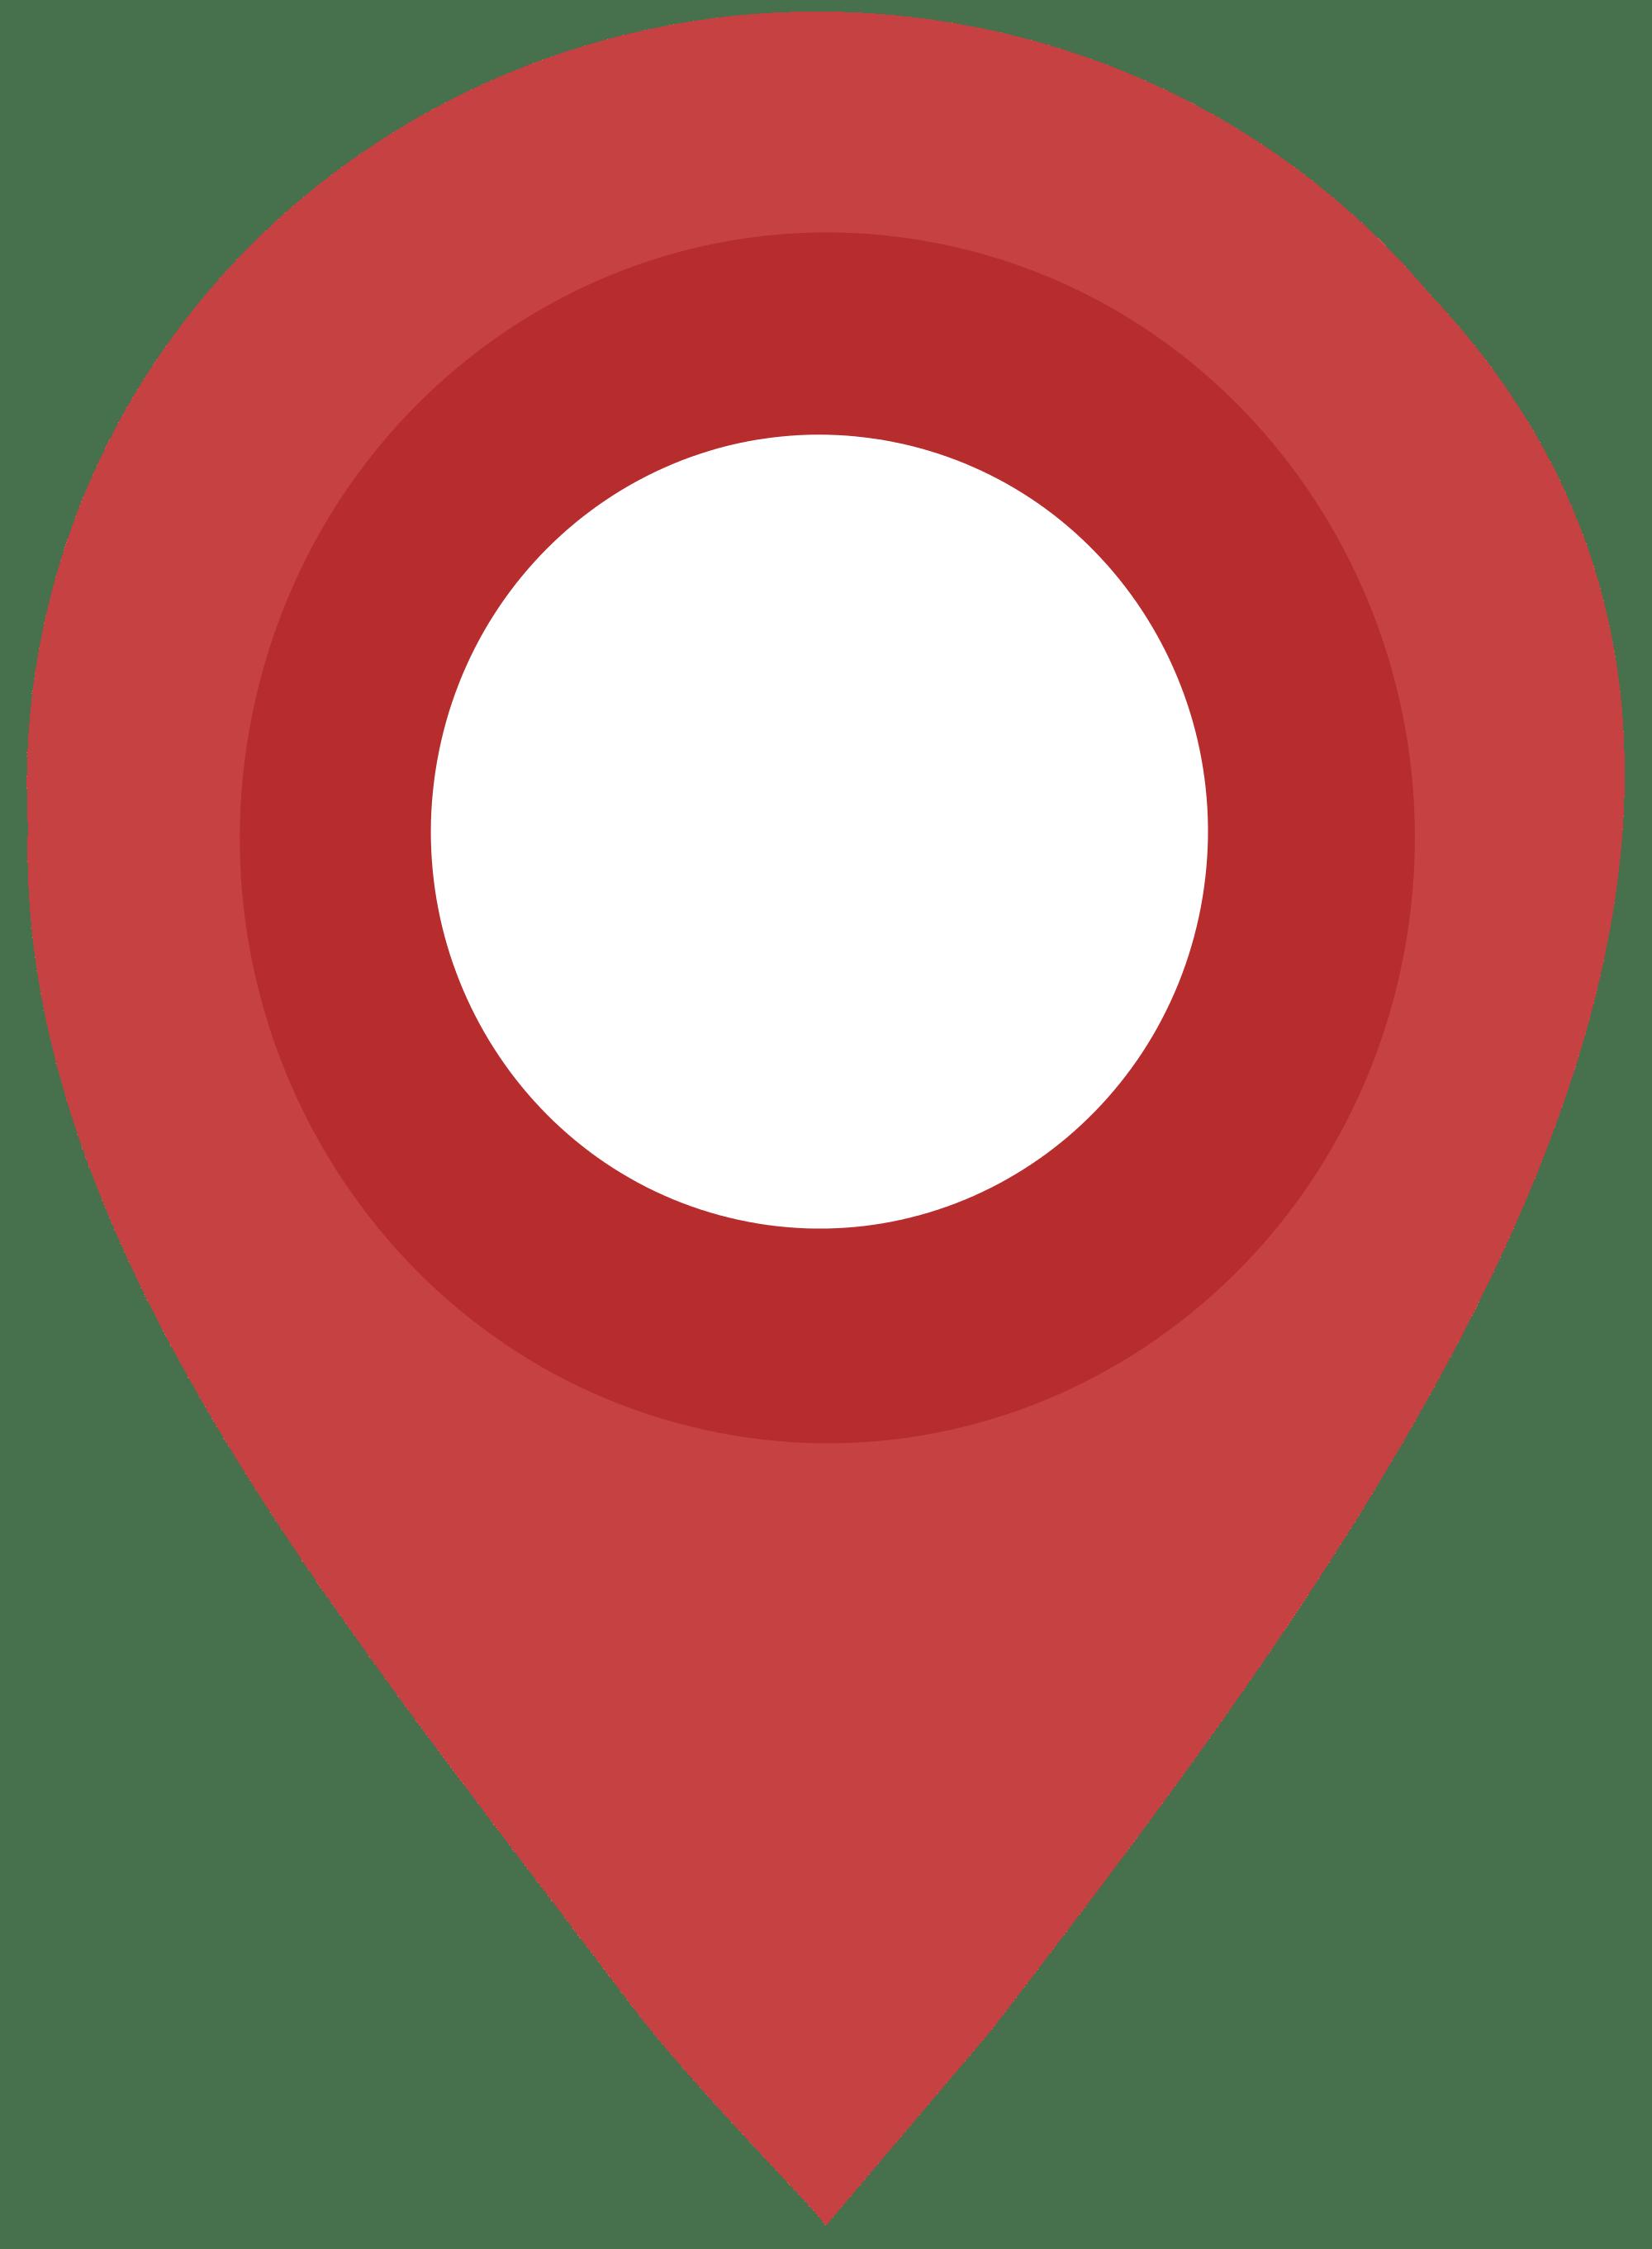 Flat Design Map Pin transparent PNG.